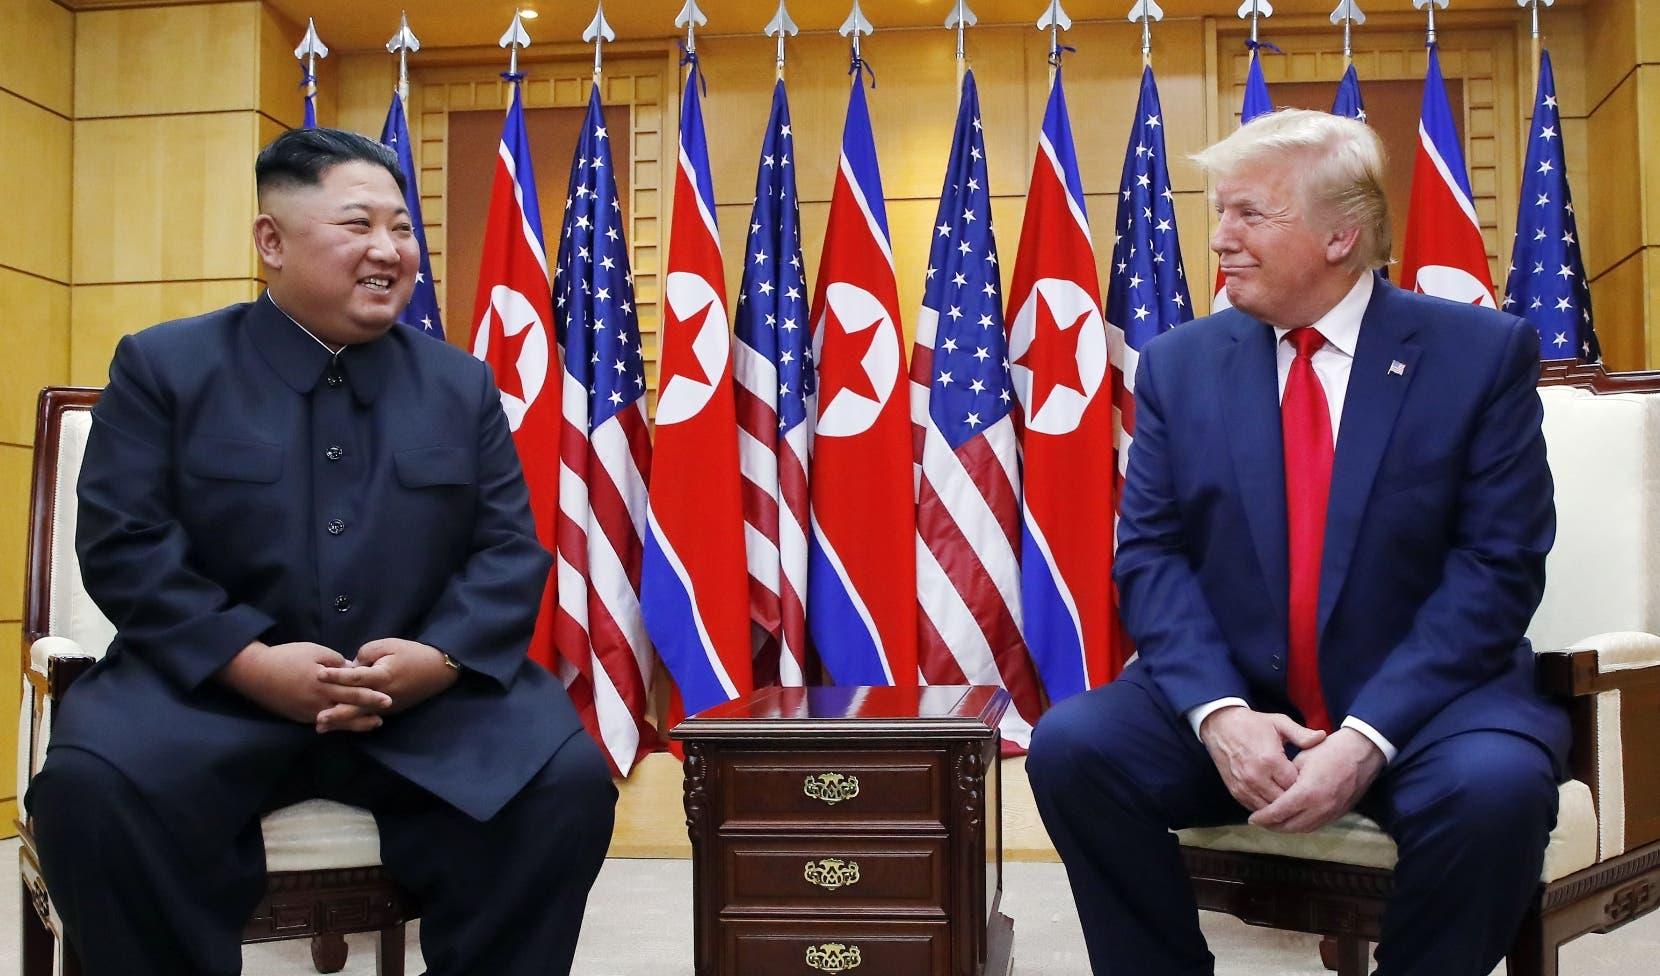 El encuentro entre  Donald Trump y Kim Jong-un es una etapa más de un progresivo acercamiento de ambos países.